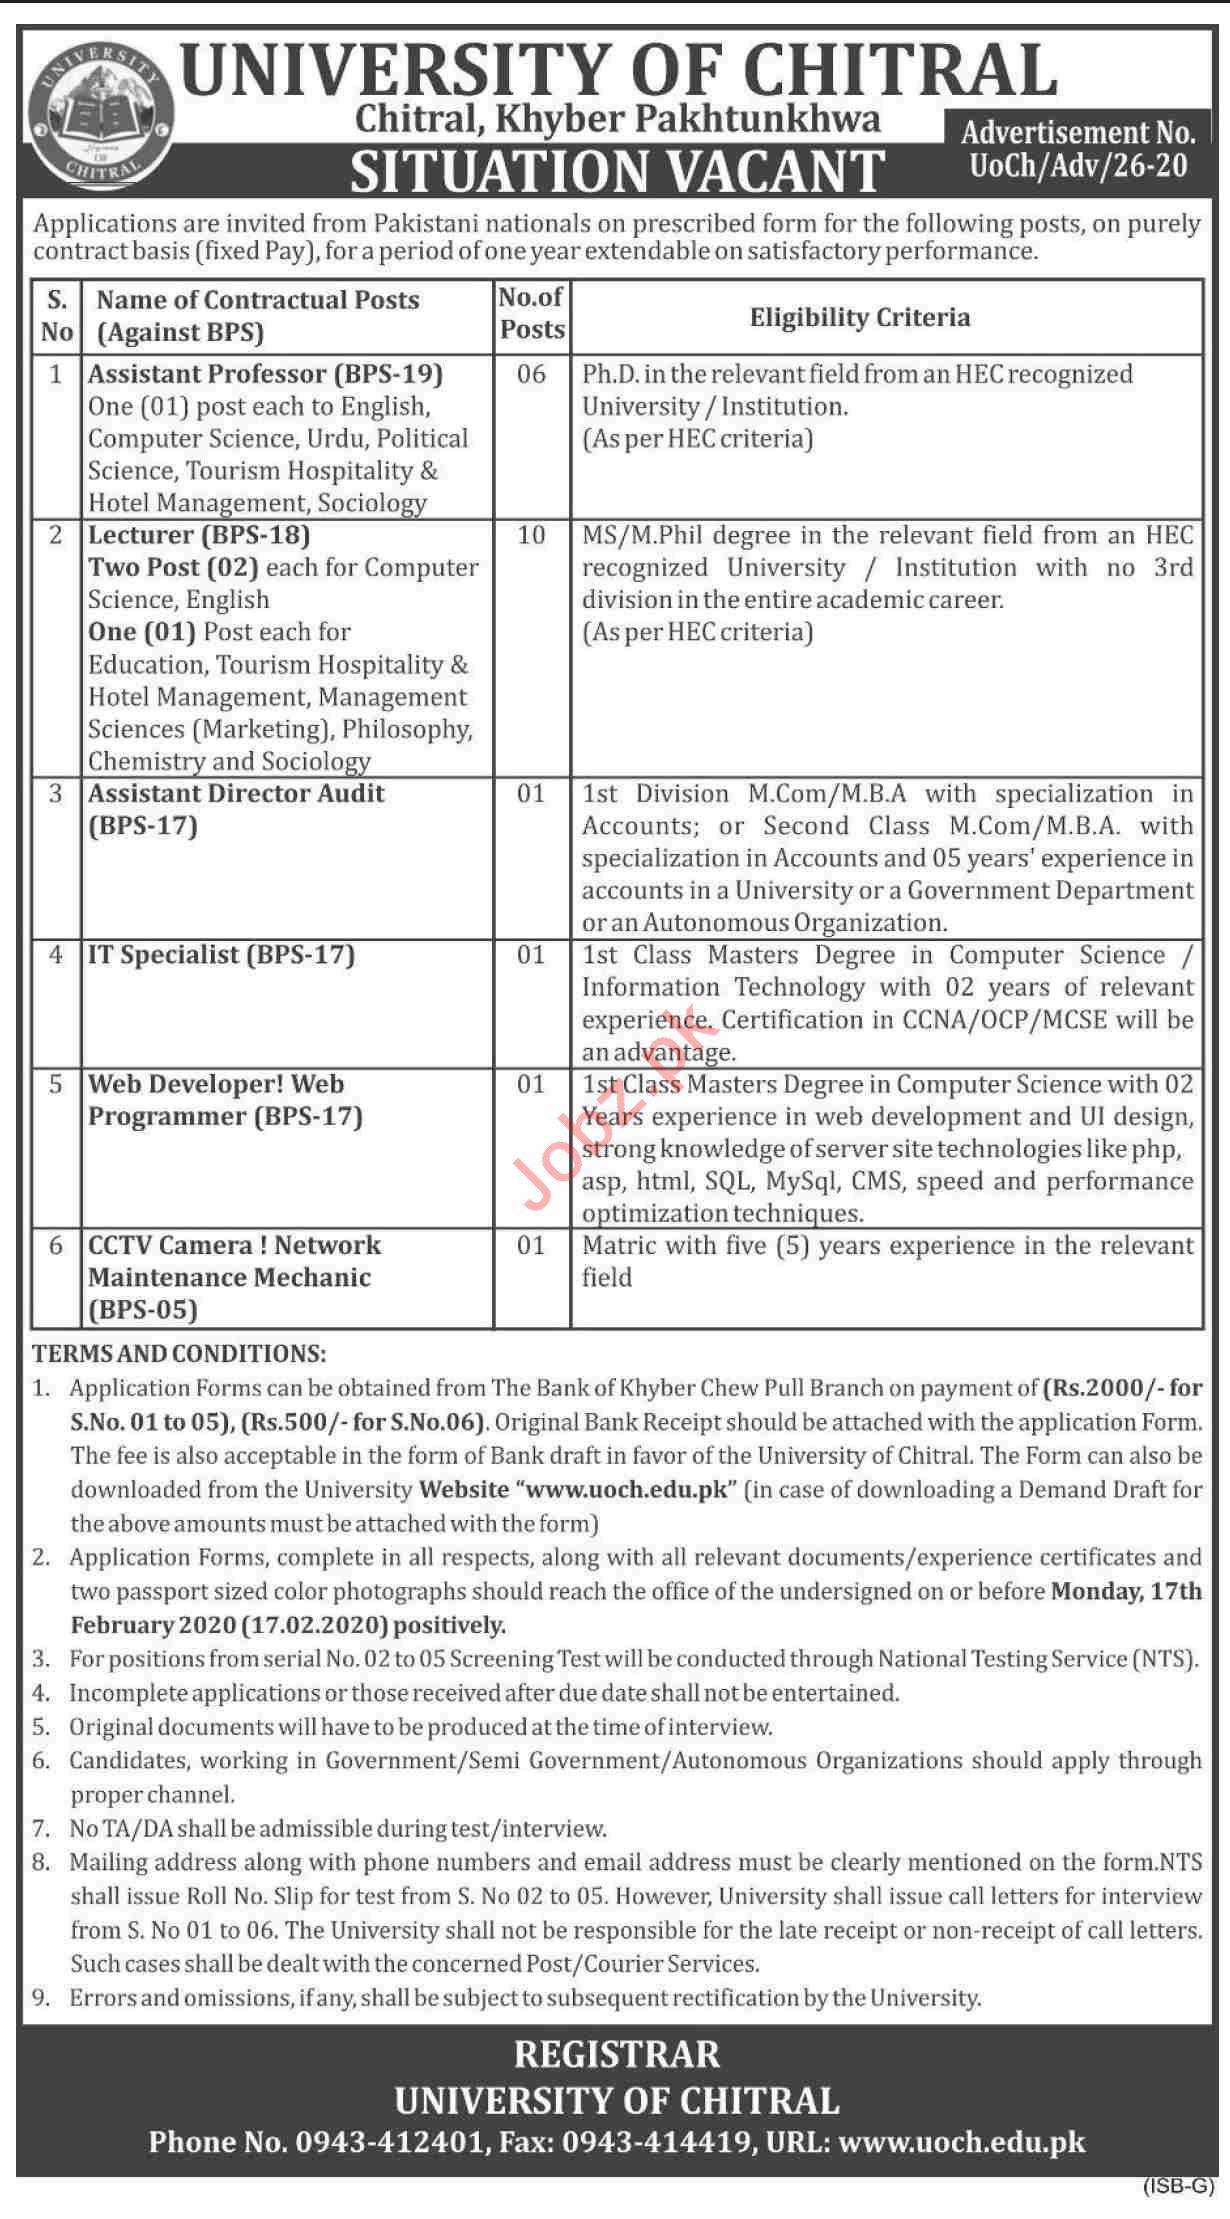 University of Chitral KPK Jobs 2020 for Professors